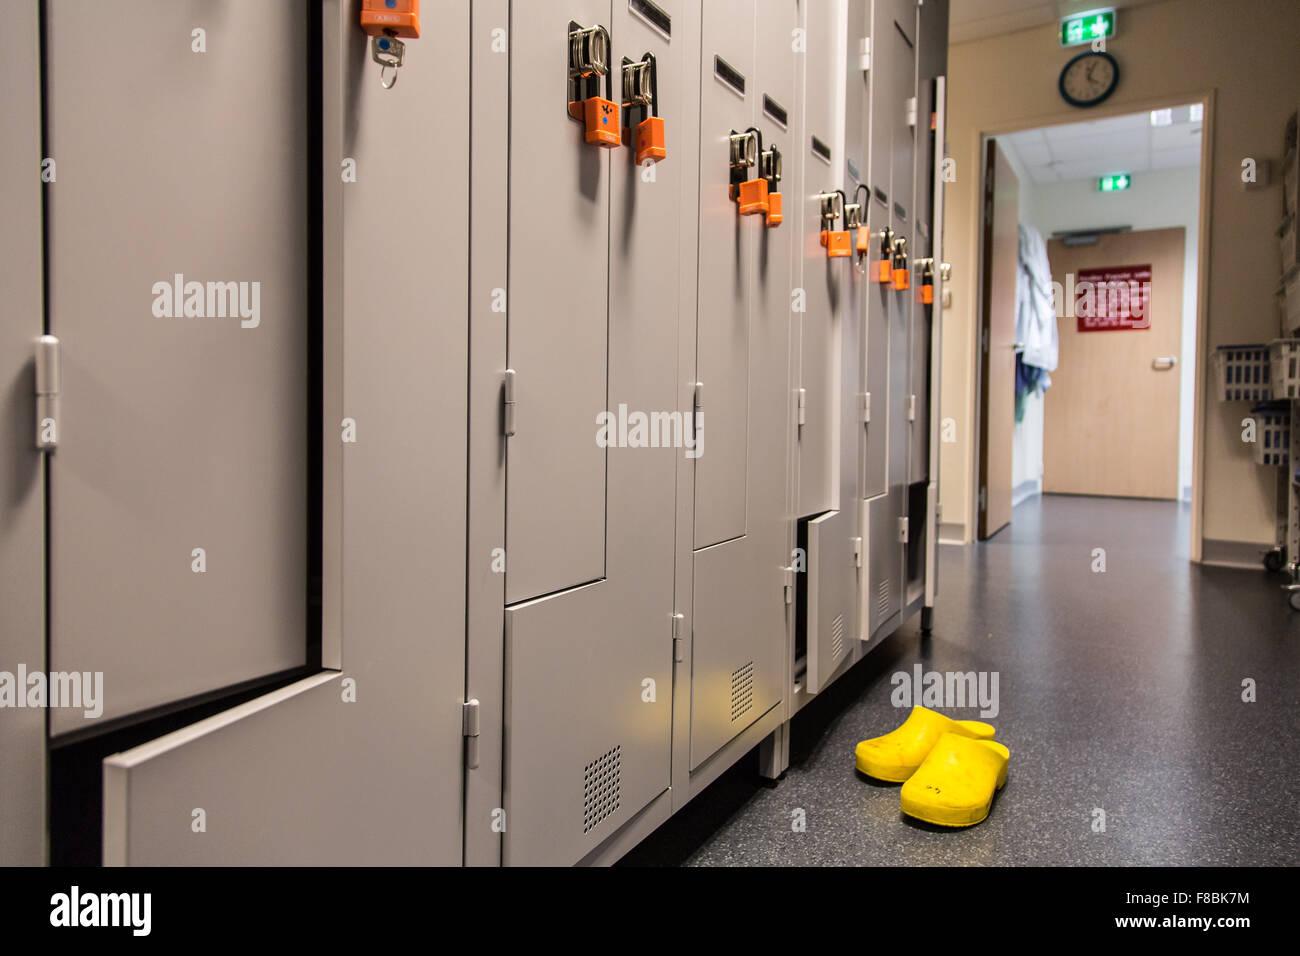 Krankenhaus-Personal-Garderobe. Stockbild